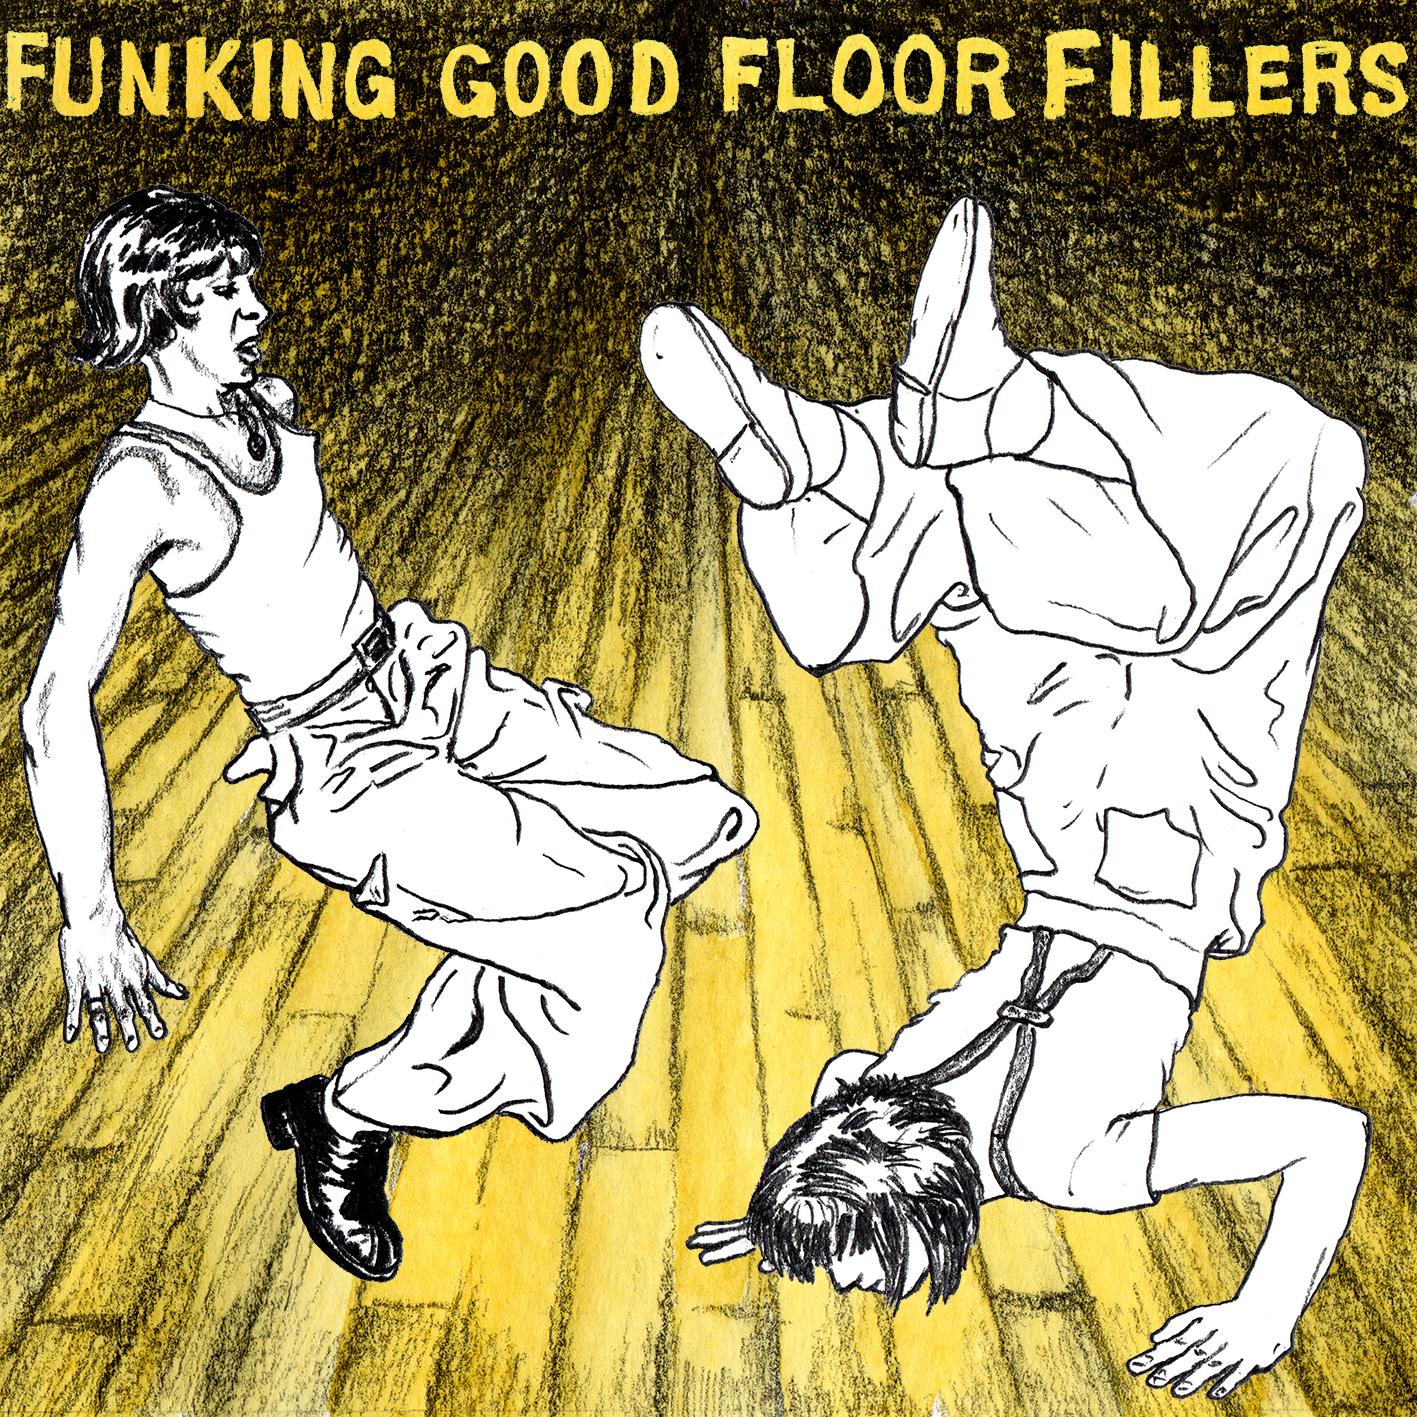 FunkingGoodFloorFillers.jpg